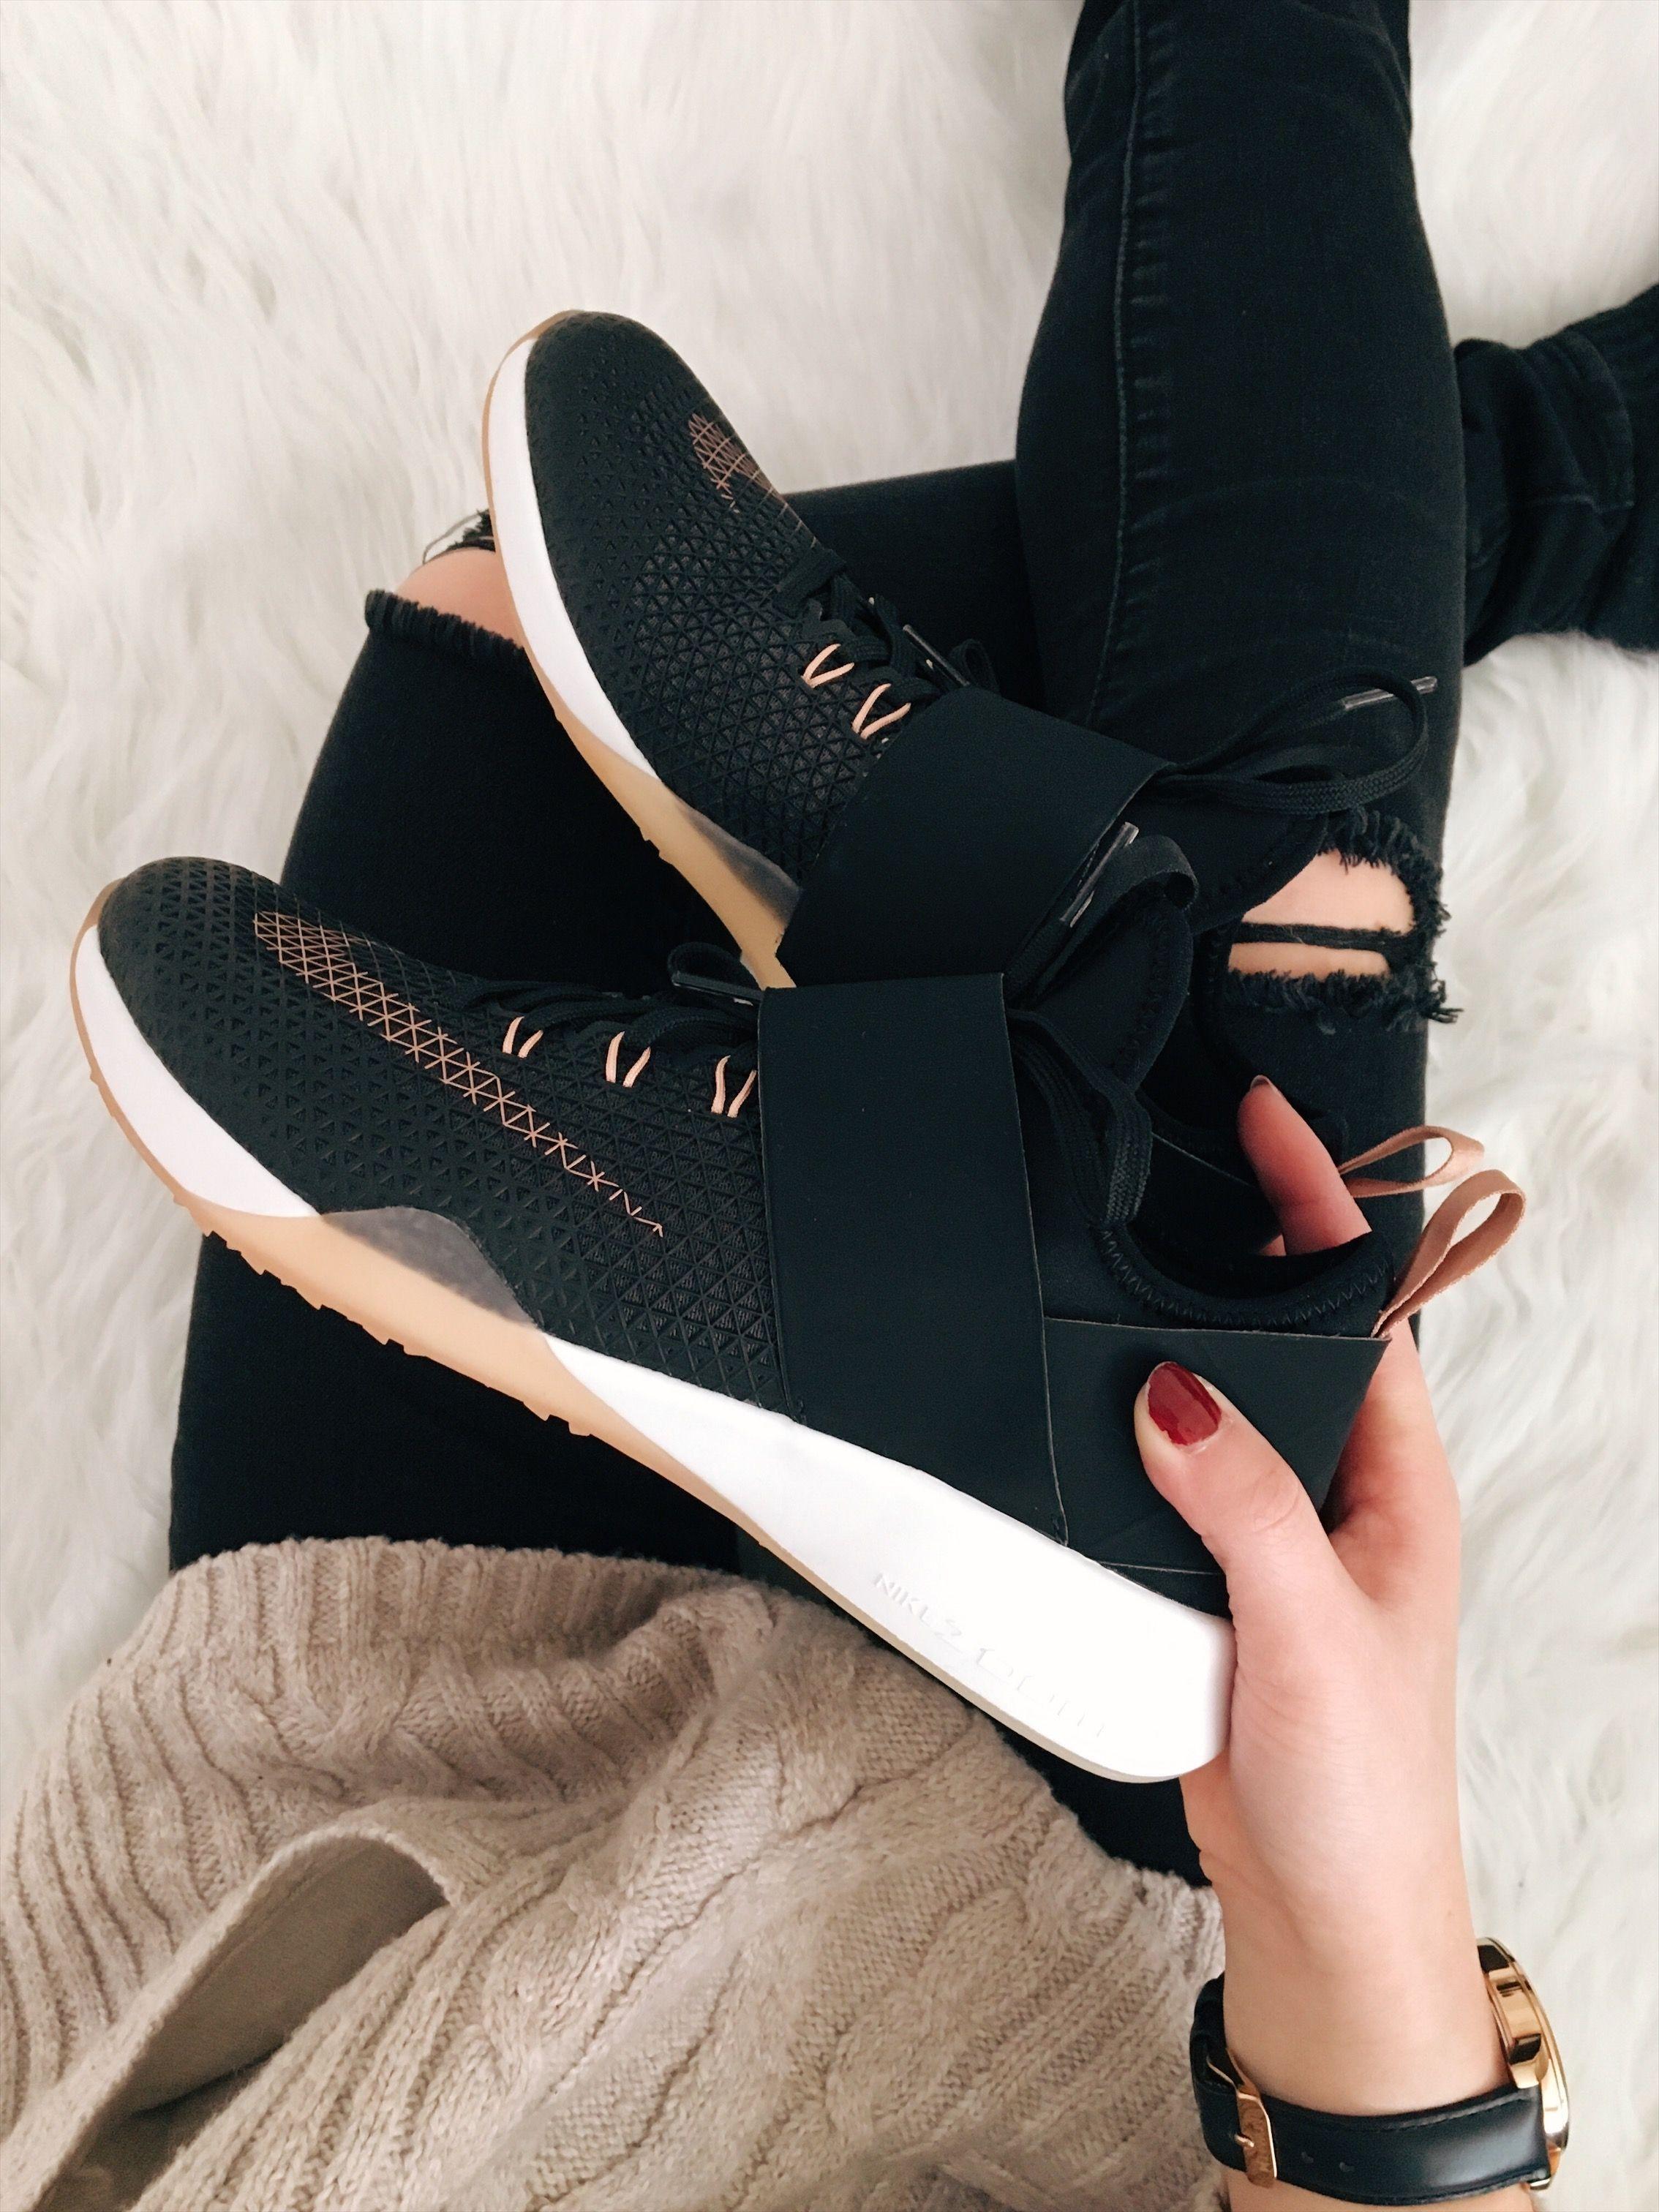 5bb8fe527b1 ... Nike Air Zoom Strong✨ IG itsmarisakay. Dress ShoesWomens ... AIR MAX GO  STRONG LTR - Pánská obuv pro volný čas .